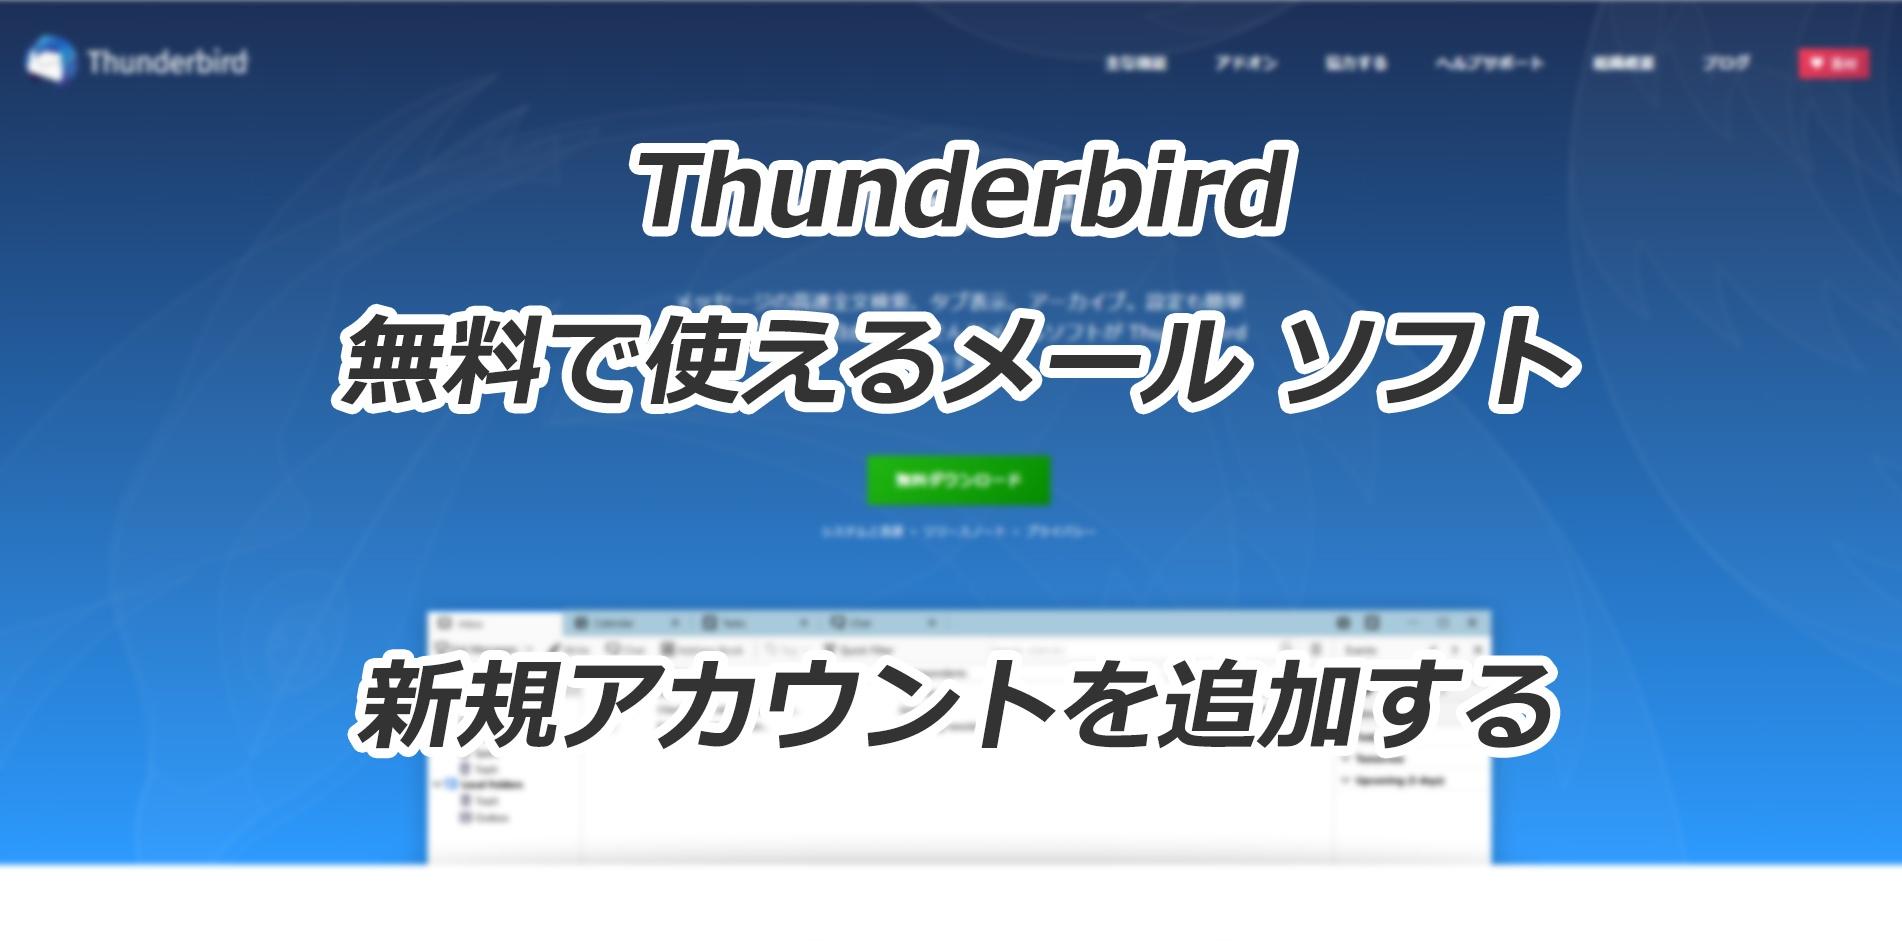 Thunderbird(サンダーバード)をダウンロードしてメールアカウントを設定する手順